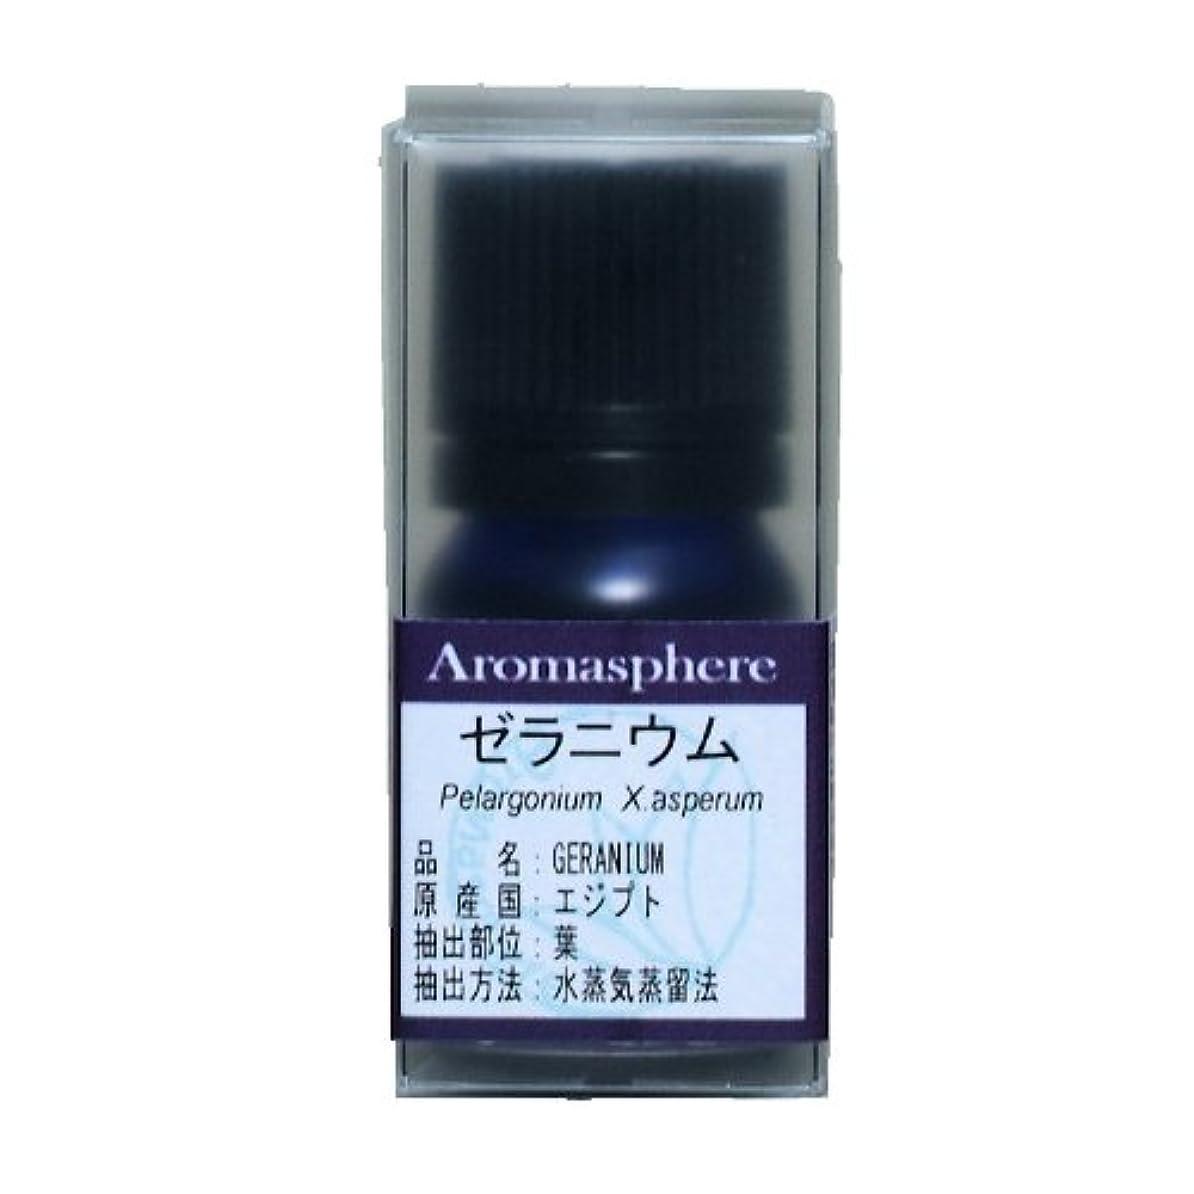 くるみ買い物に行く防水【アロマスフィア】ゼラニウム 5ml エッセンシャルオイル(精油)